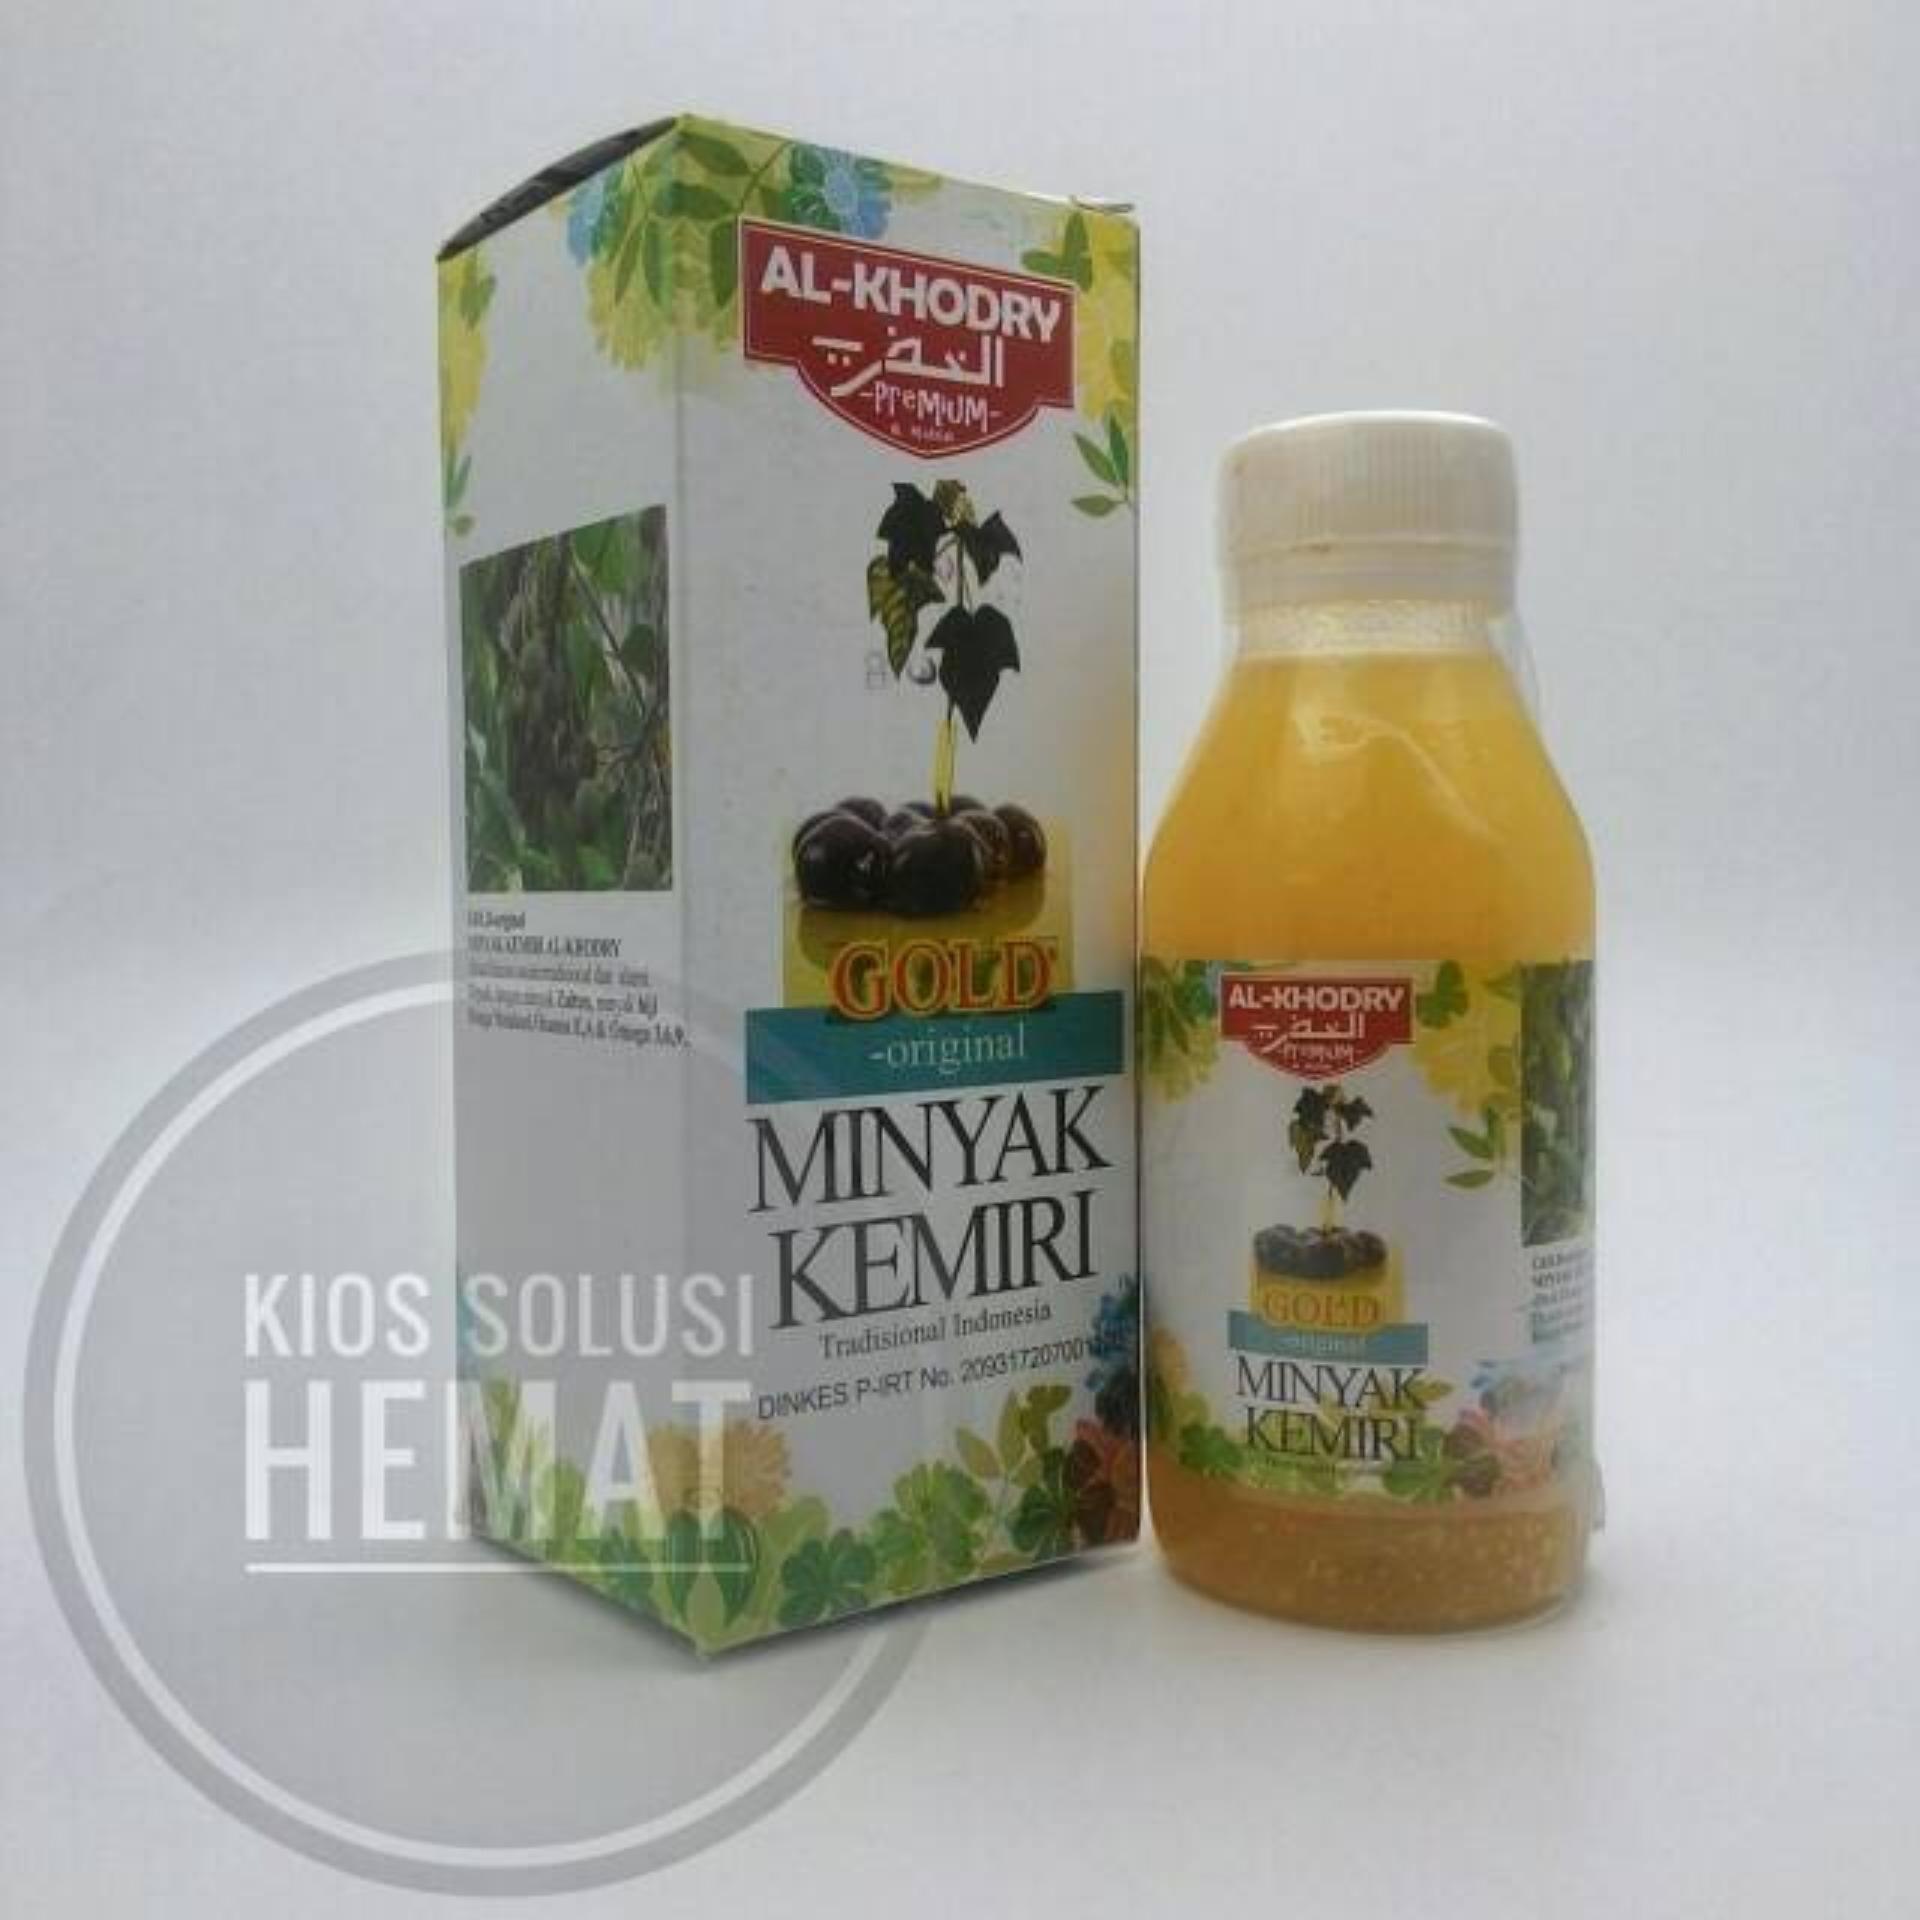 Harga Penawaran Al Khodry Herbal Minyak Kemiri Gold Plus Zaitun Penumbuh Rambut Jambang Krim Mirip Wak Doyok Tapi  Original Premium Penyubur Jenggot